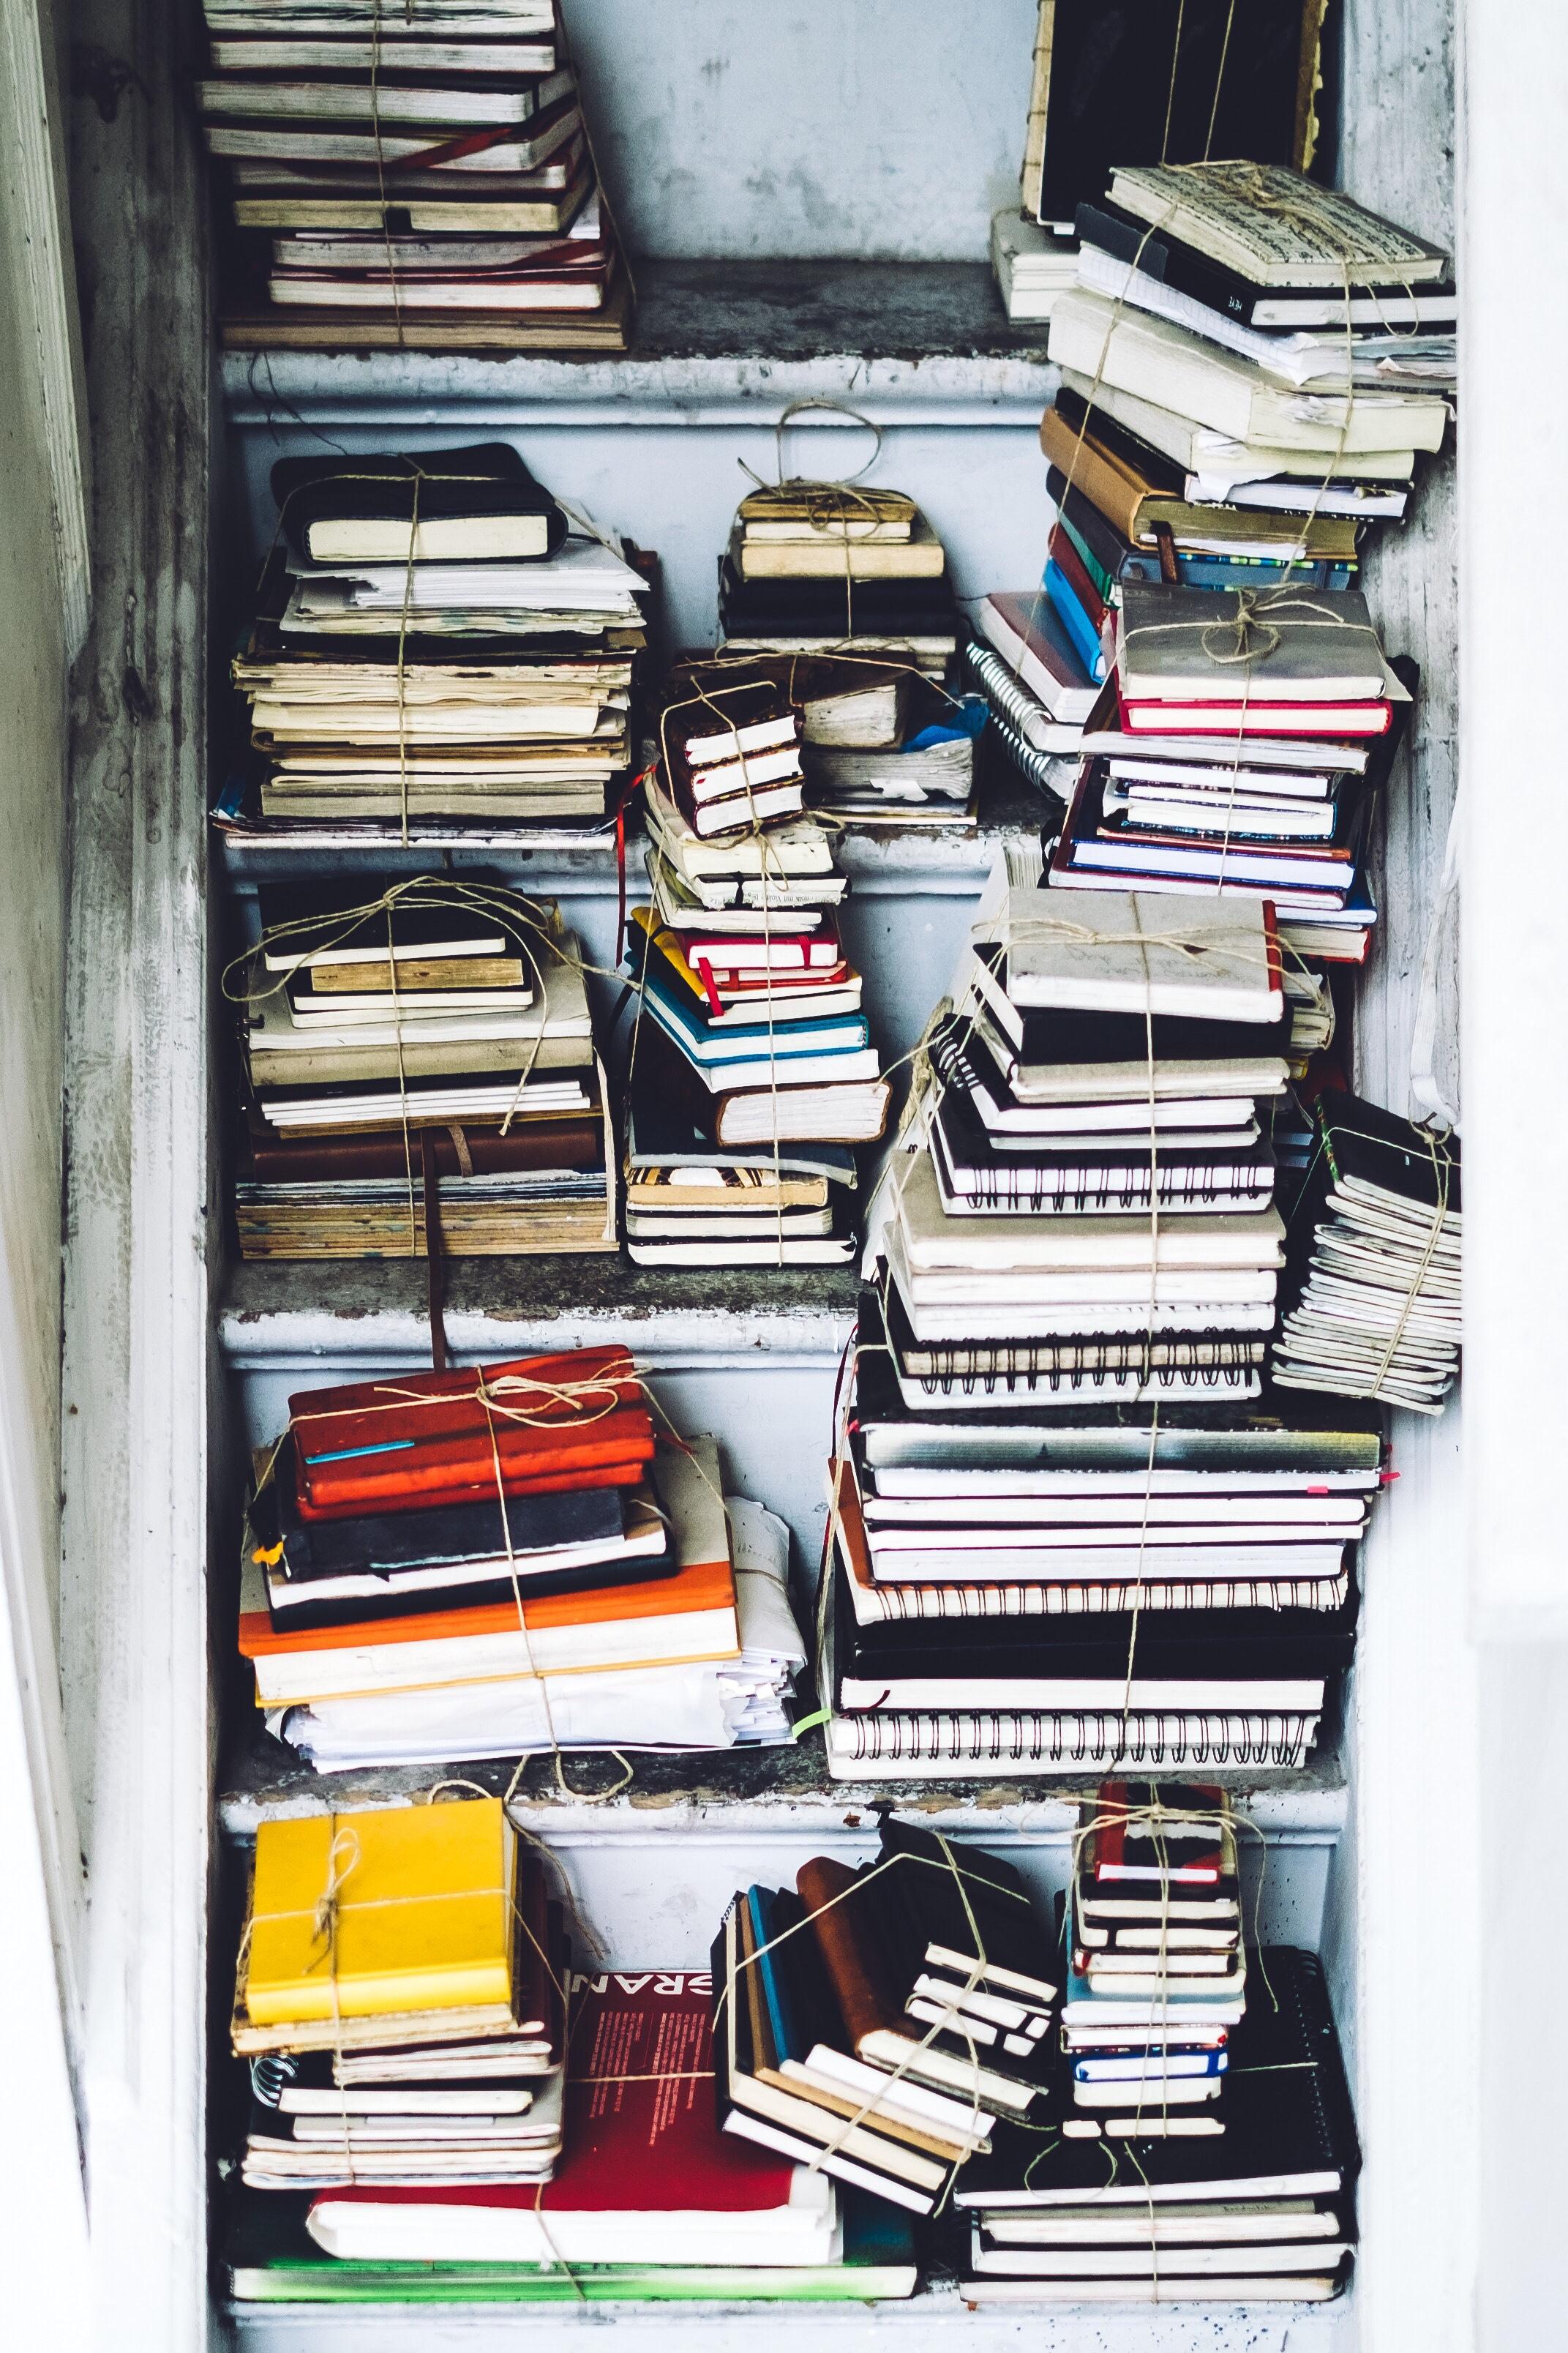 diaris i llibretes lligades